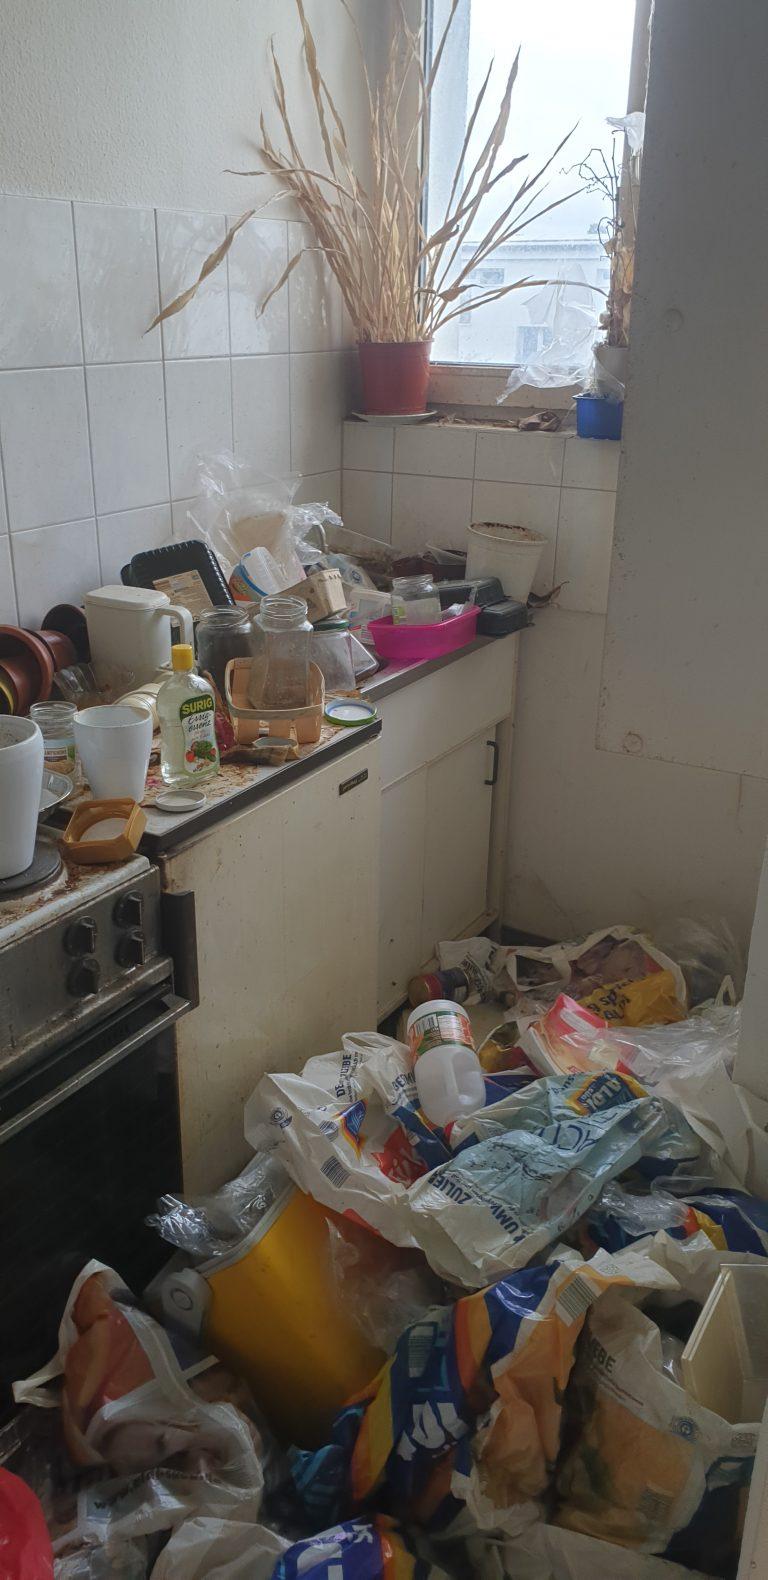 Tatortreinigung Lipka Messie Beispiel Wohnung 2